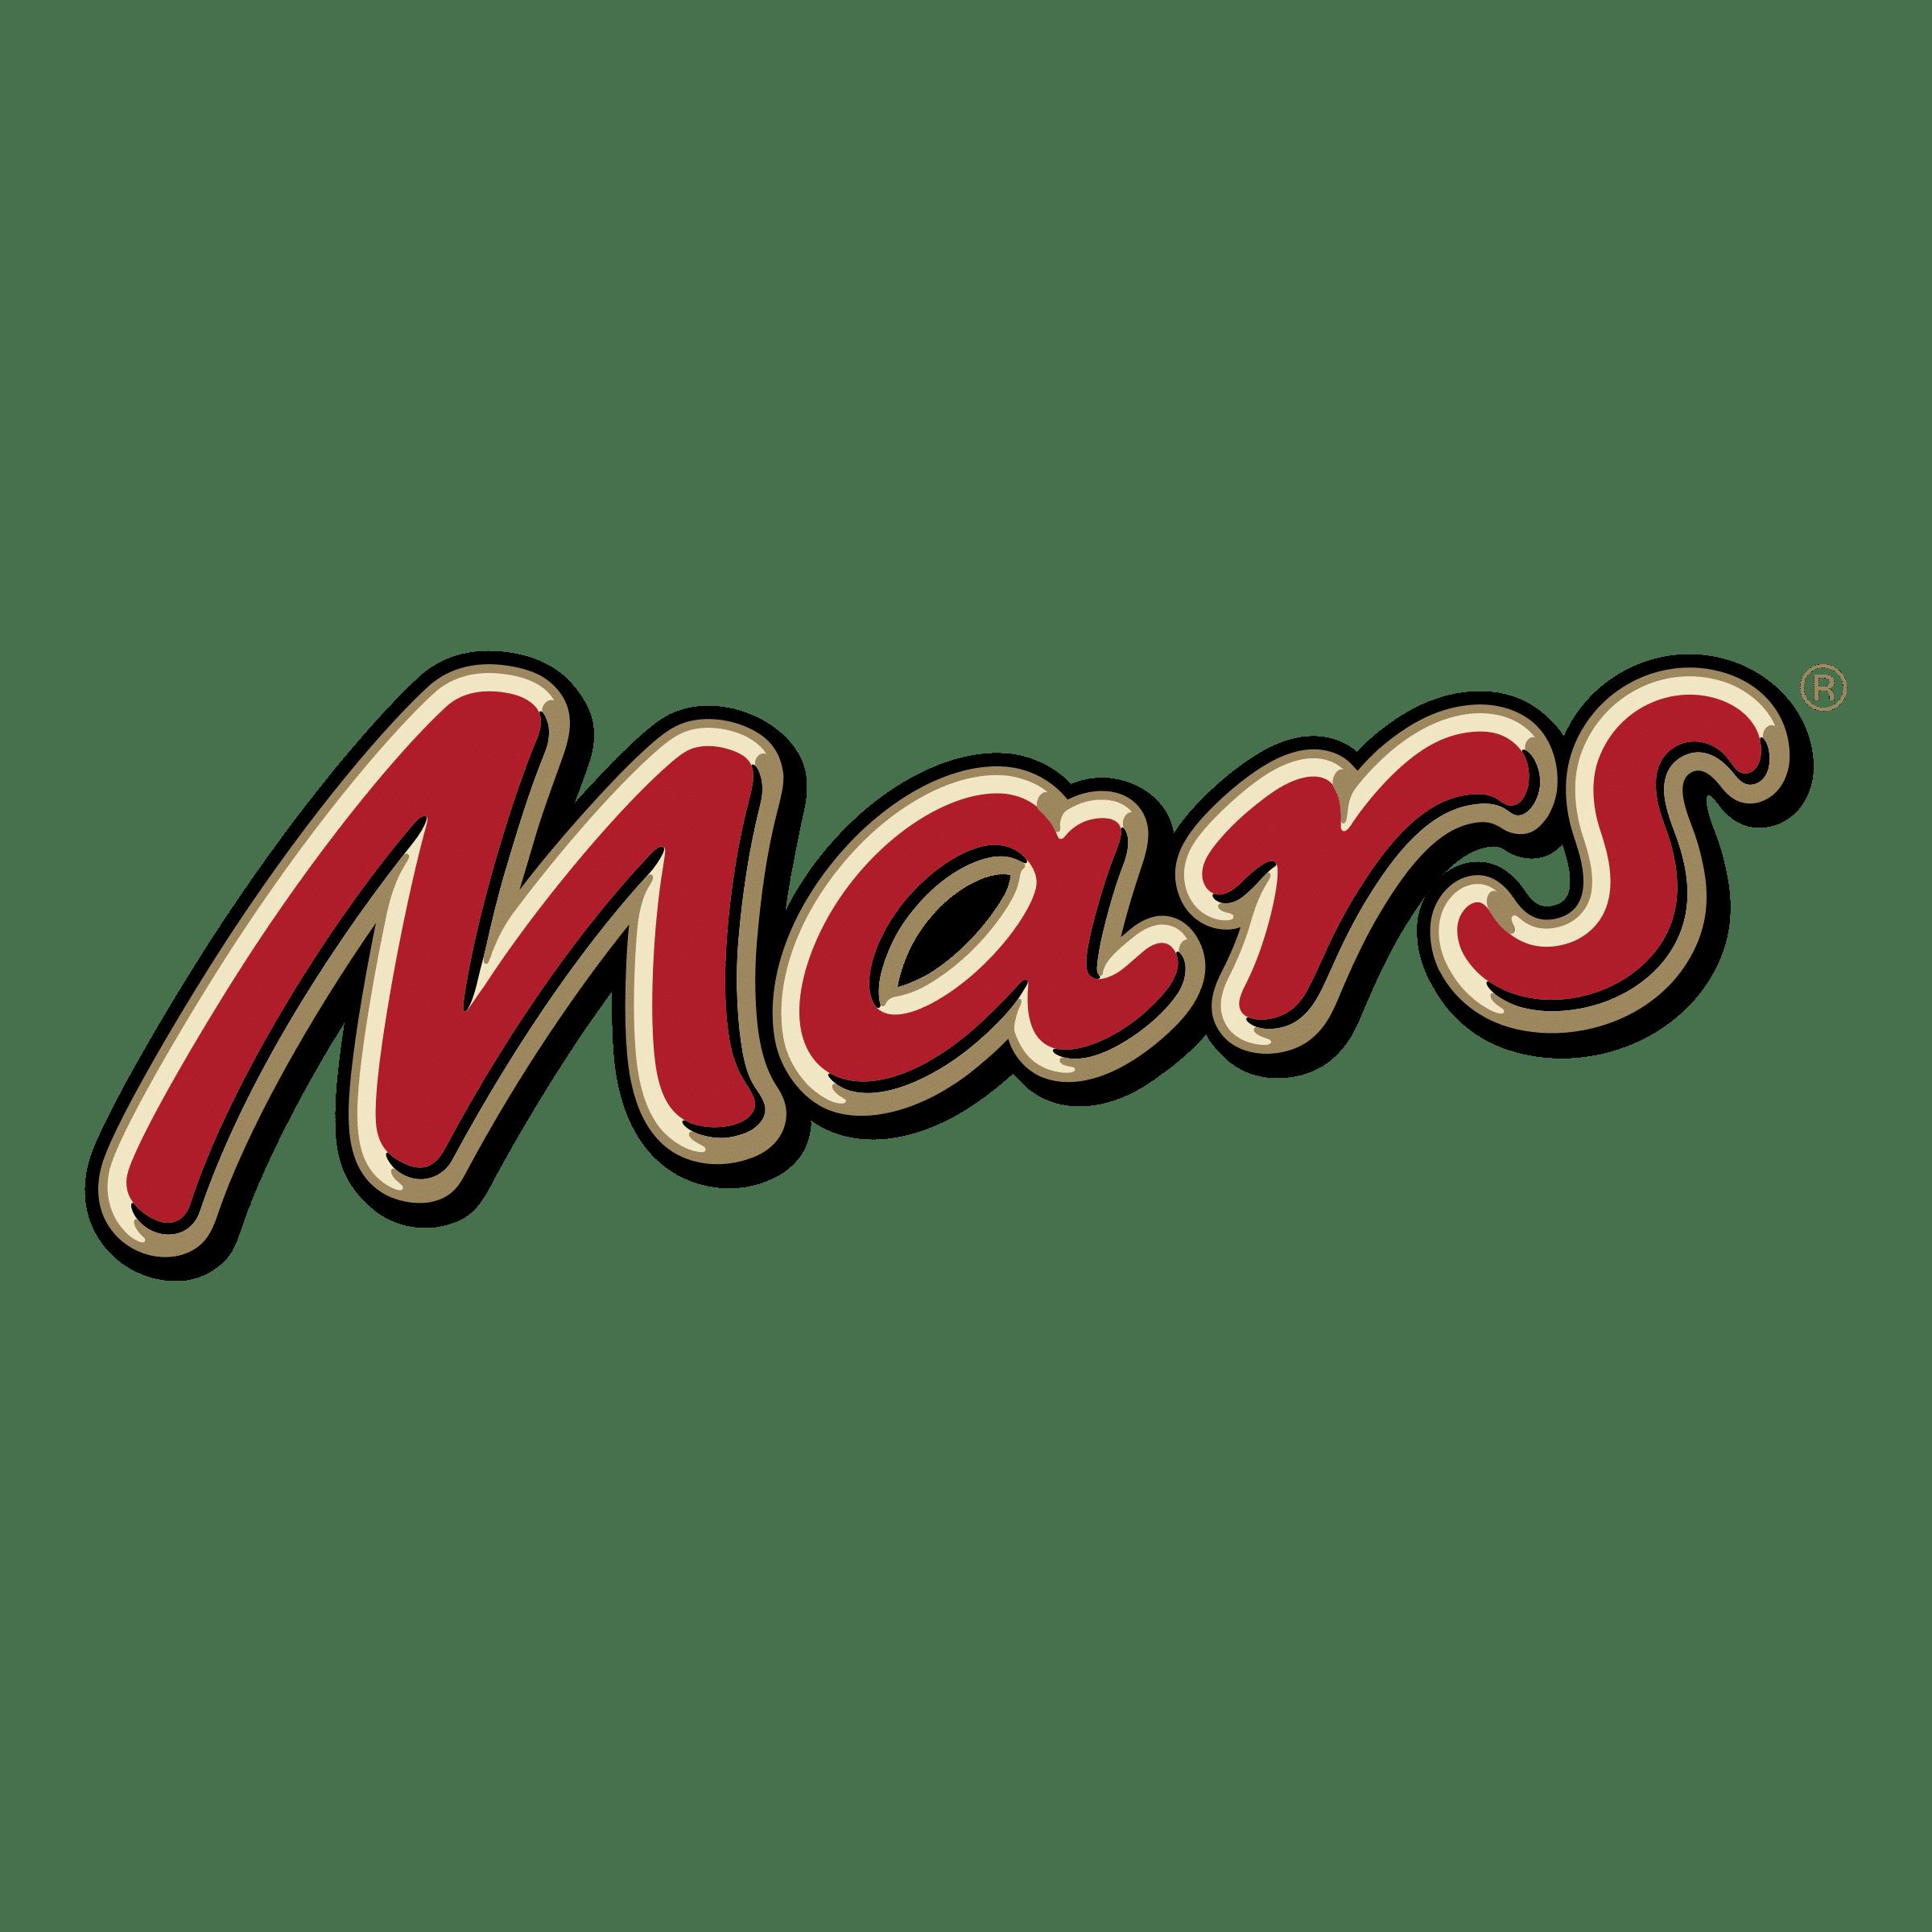 mars logo (1)